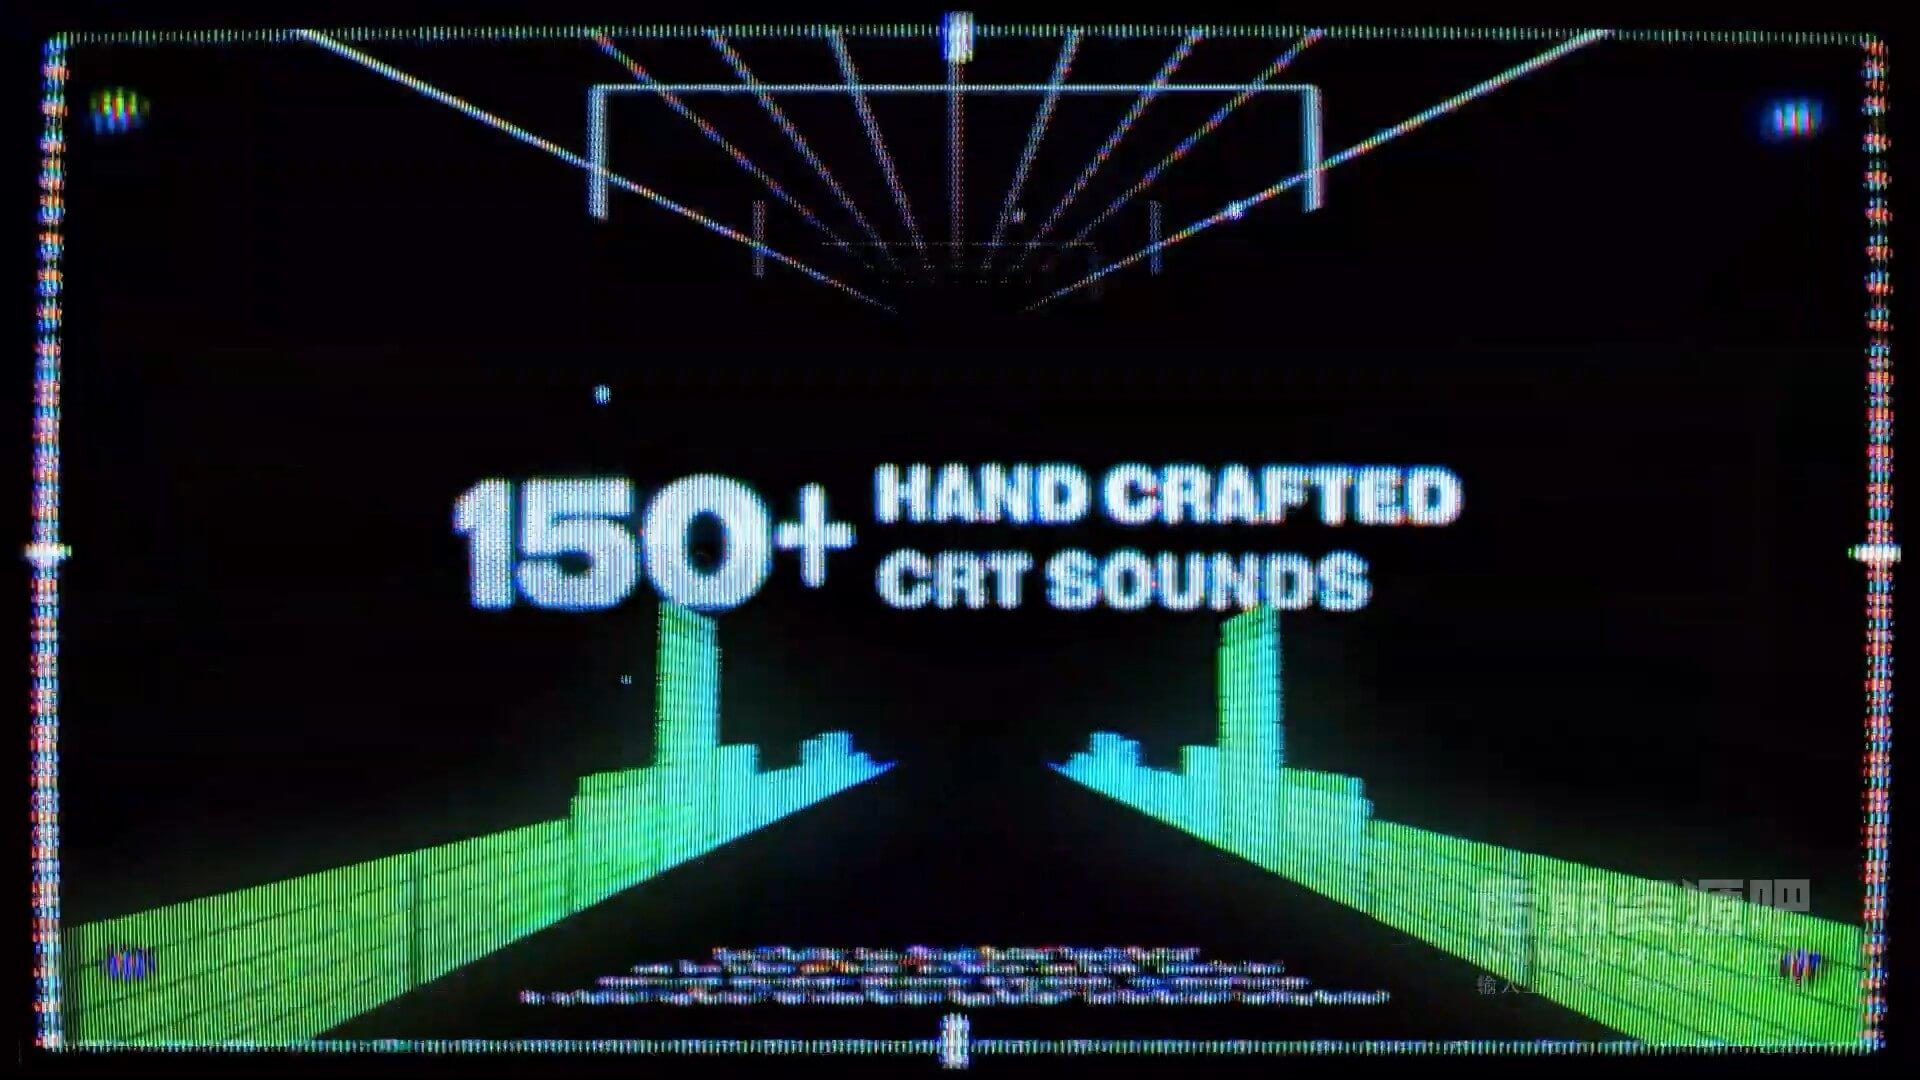 配乐素材 CRT界面显示搭配音效 干扰倒计时等 CRT SOUNDS PRO